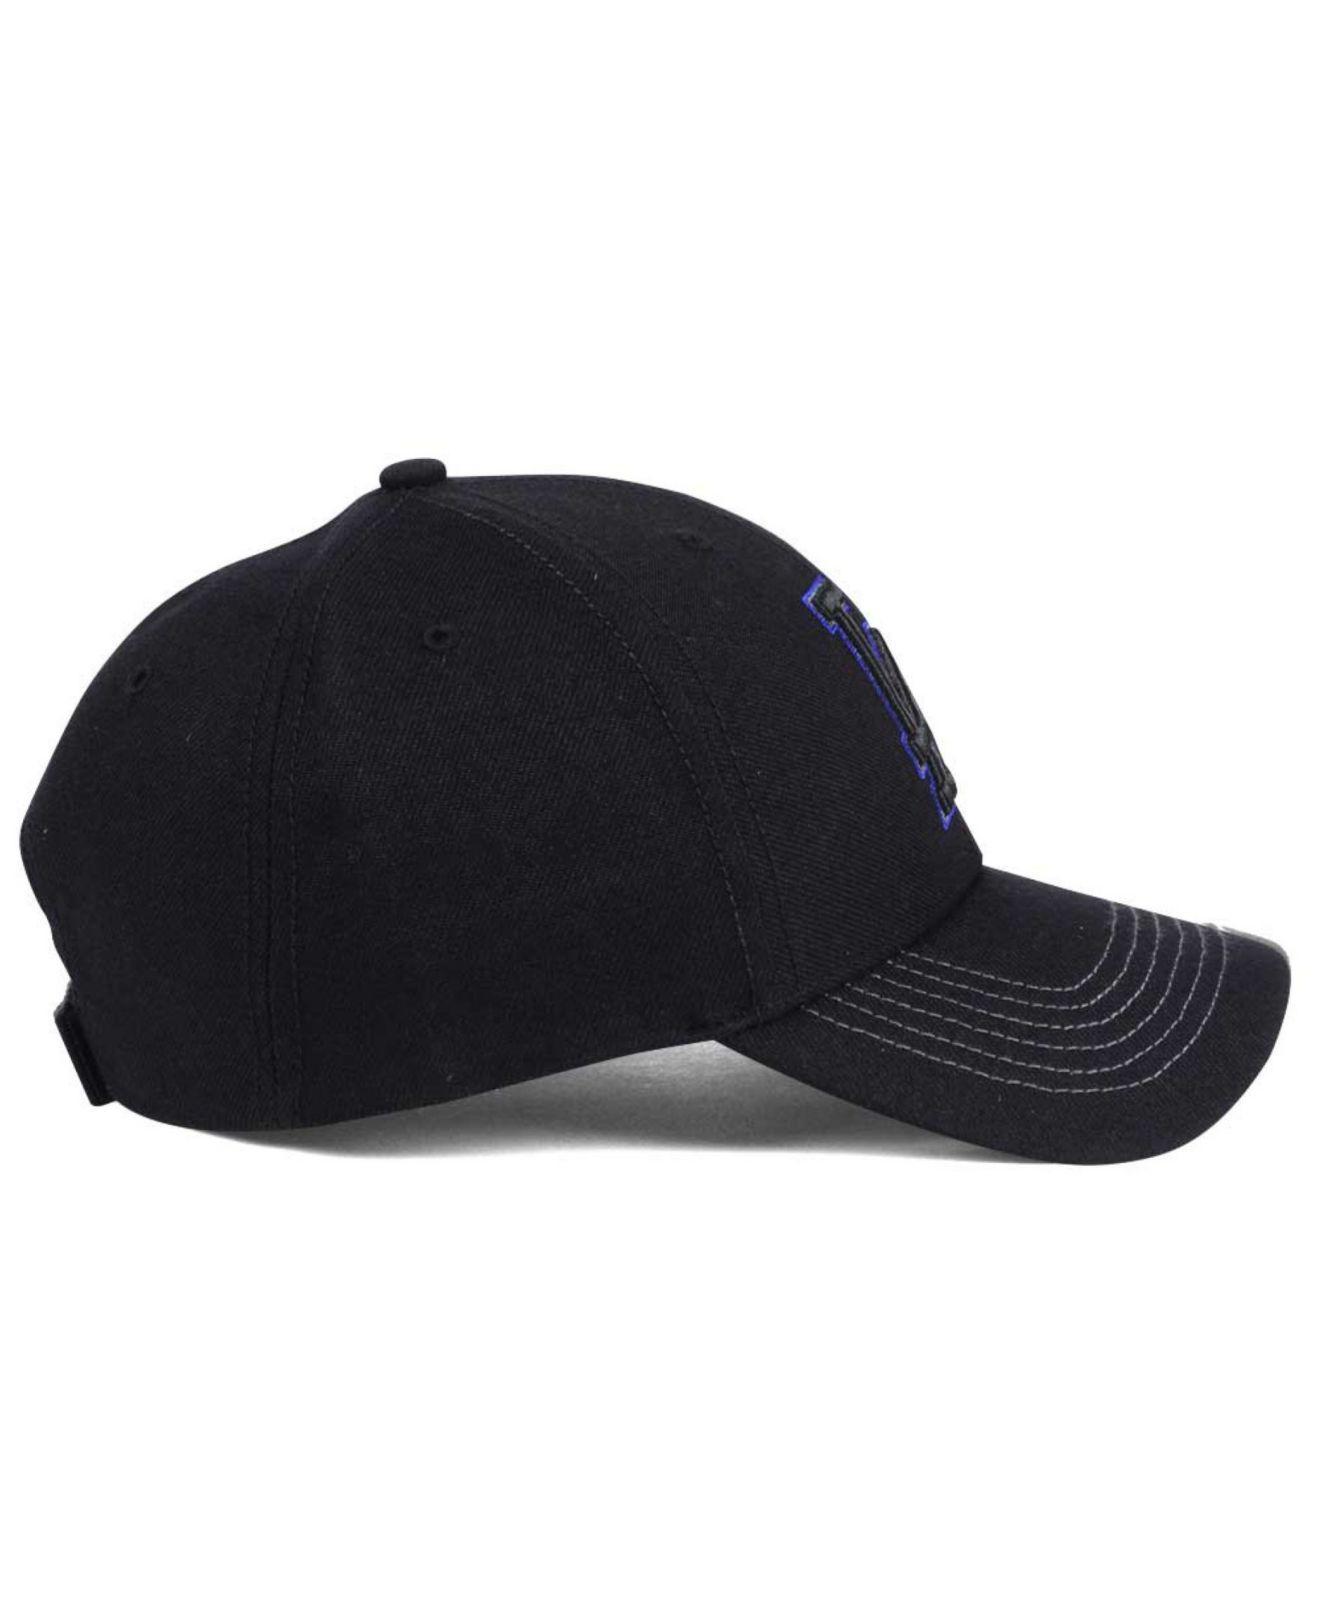 wholesale dealer d156b 92859 ... cheap 47 brand black swing shift mvp cap for men lyst. view fullscreen  88ef5 327ce